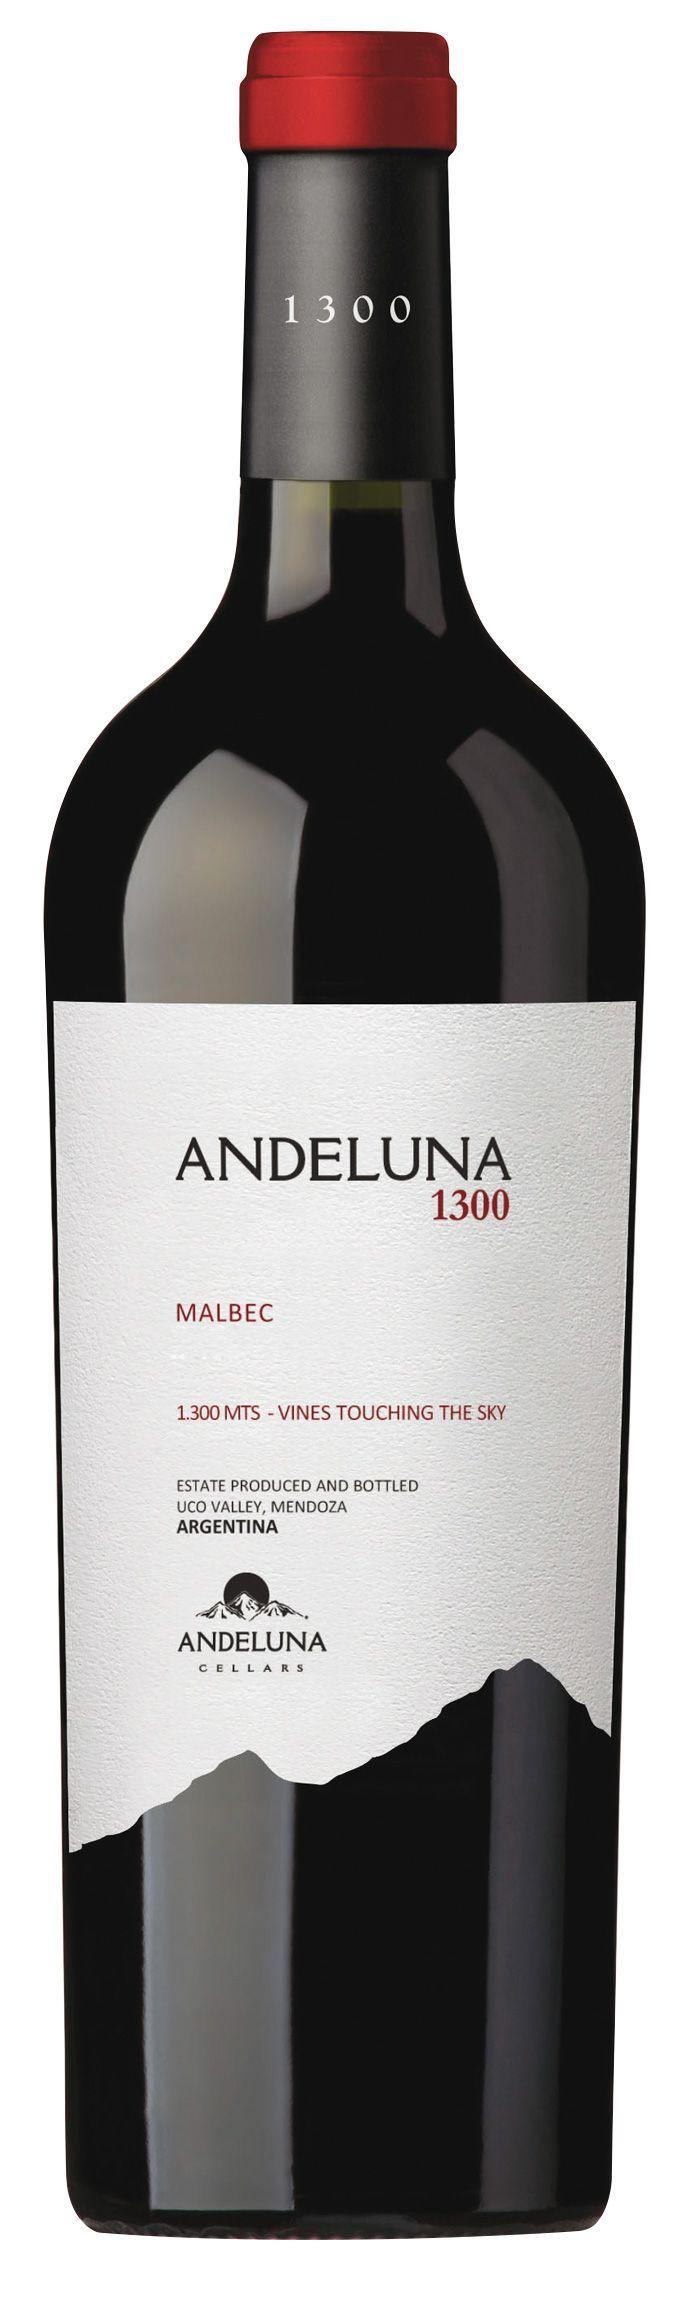 Image of Andeluna 1300 Malbec 2015